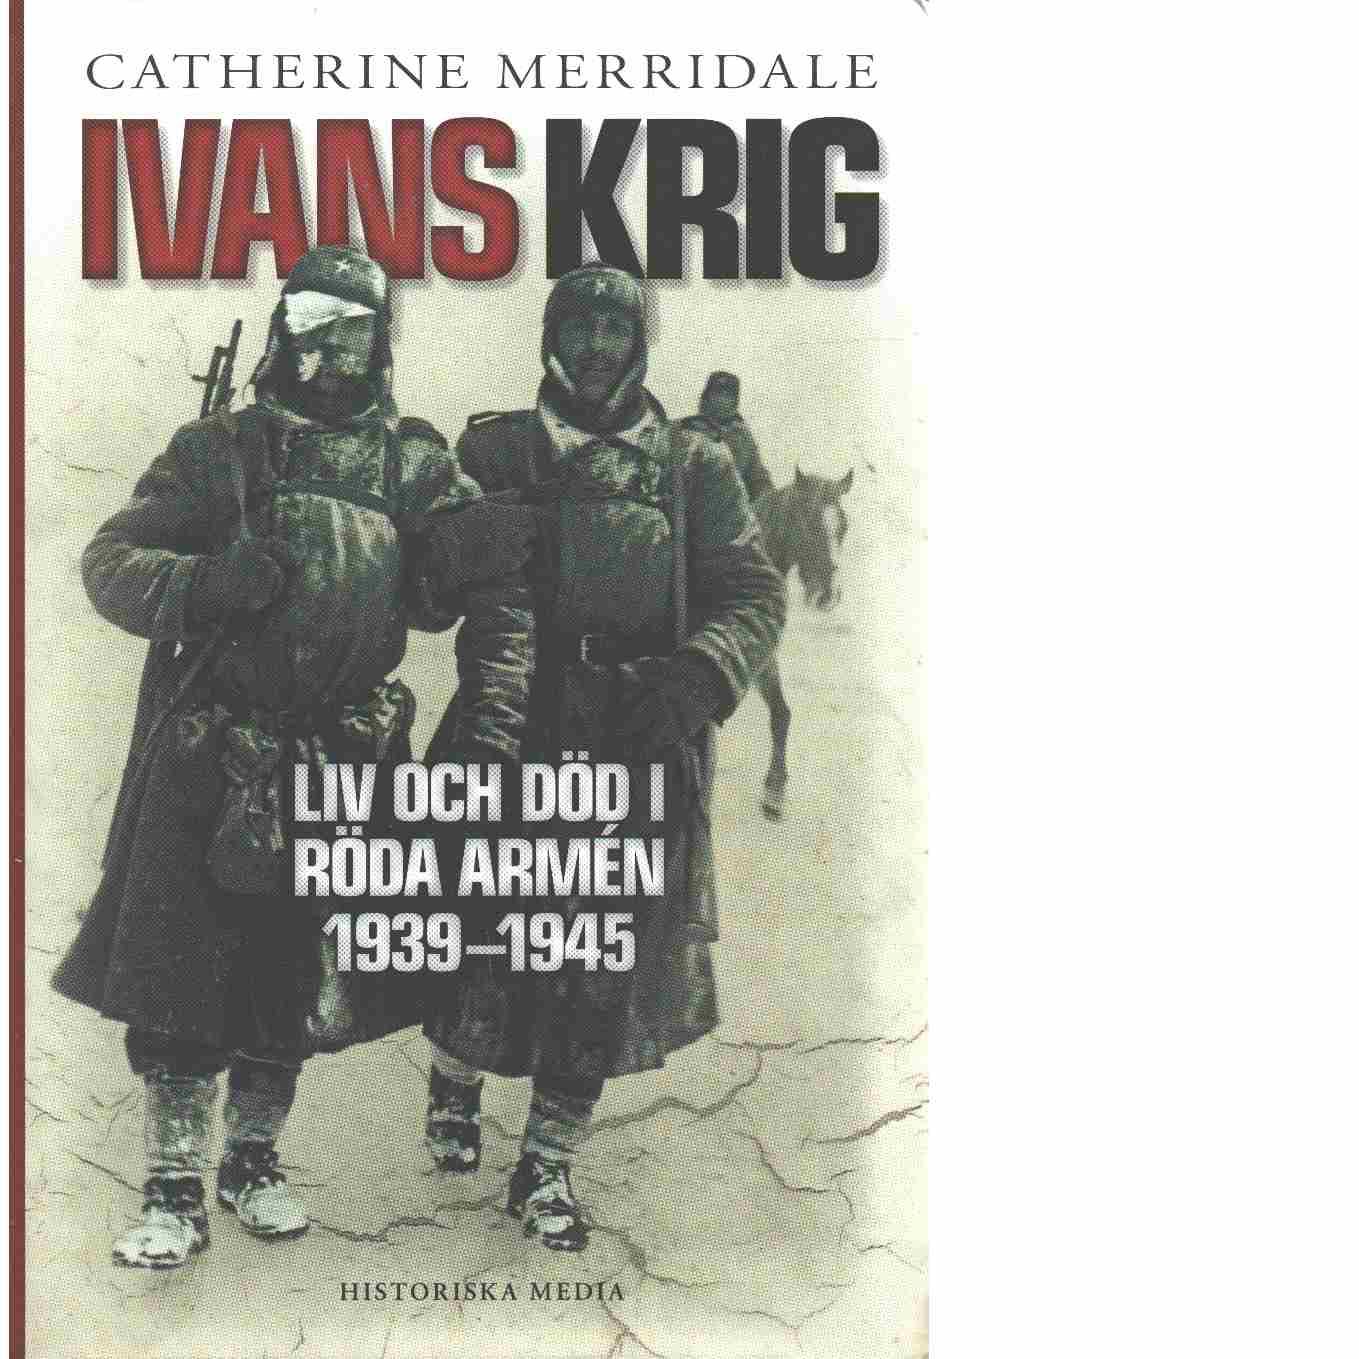 Ivans krig : liv och död i Röda armén 1939-1945 - Merridale, Catherine